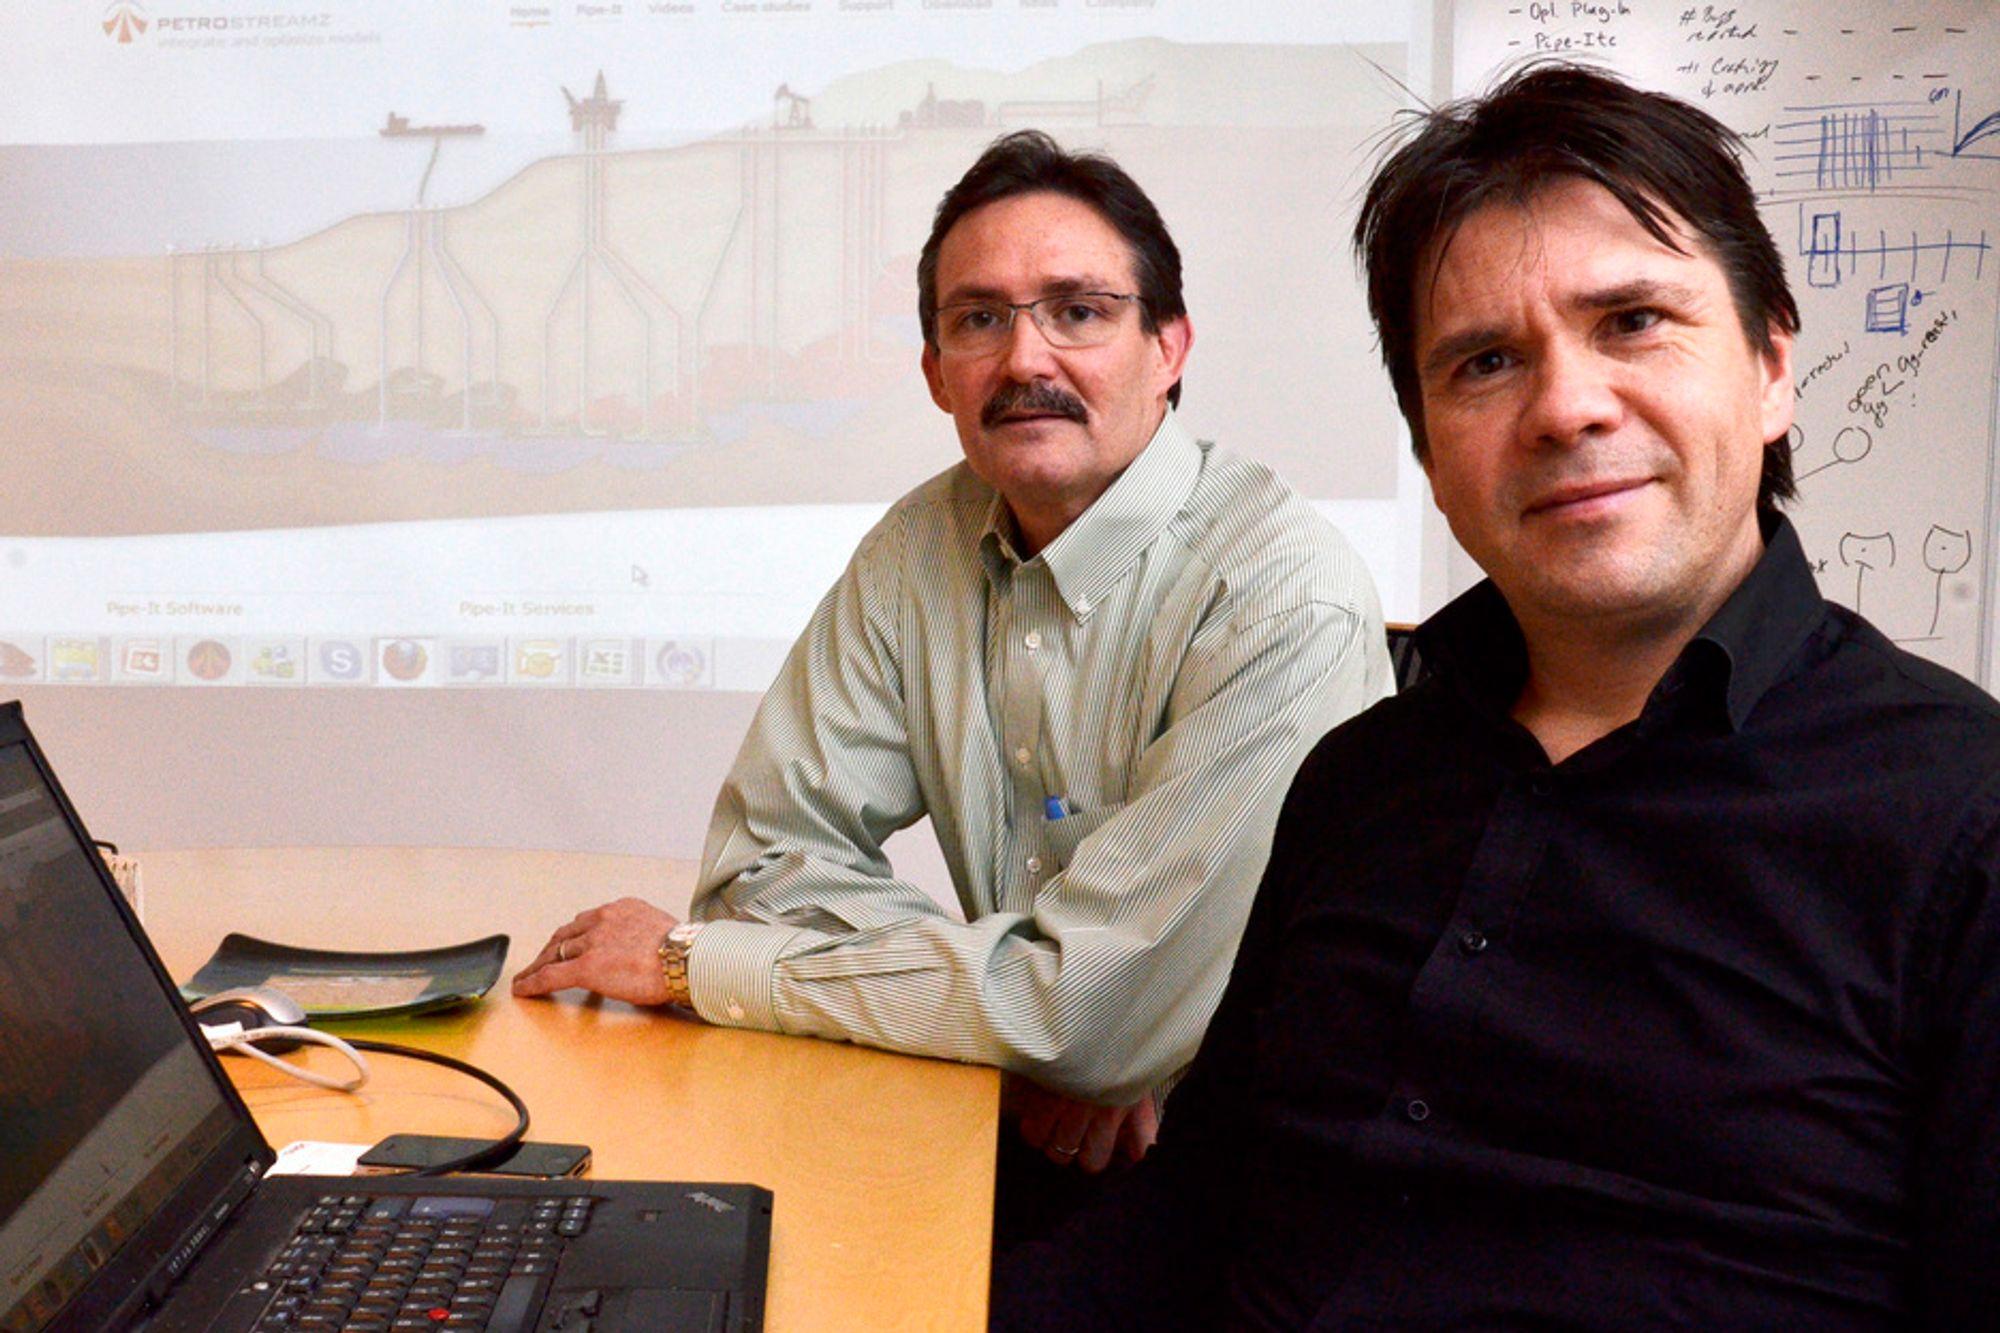 GRAFISK: - Sammenkoblingene i Pipe-it settes opp grafisk på et overordnet nivå. På denne måten er det mulig å finne ut den beste måten å eksekvere programmet på, forteller Jan Biti og Curtis H. Whitson.